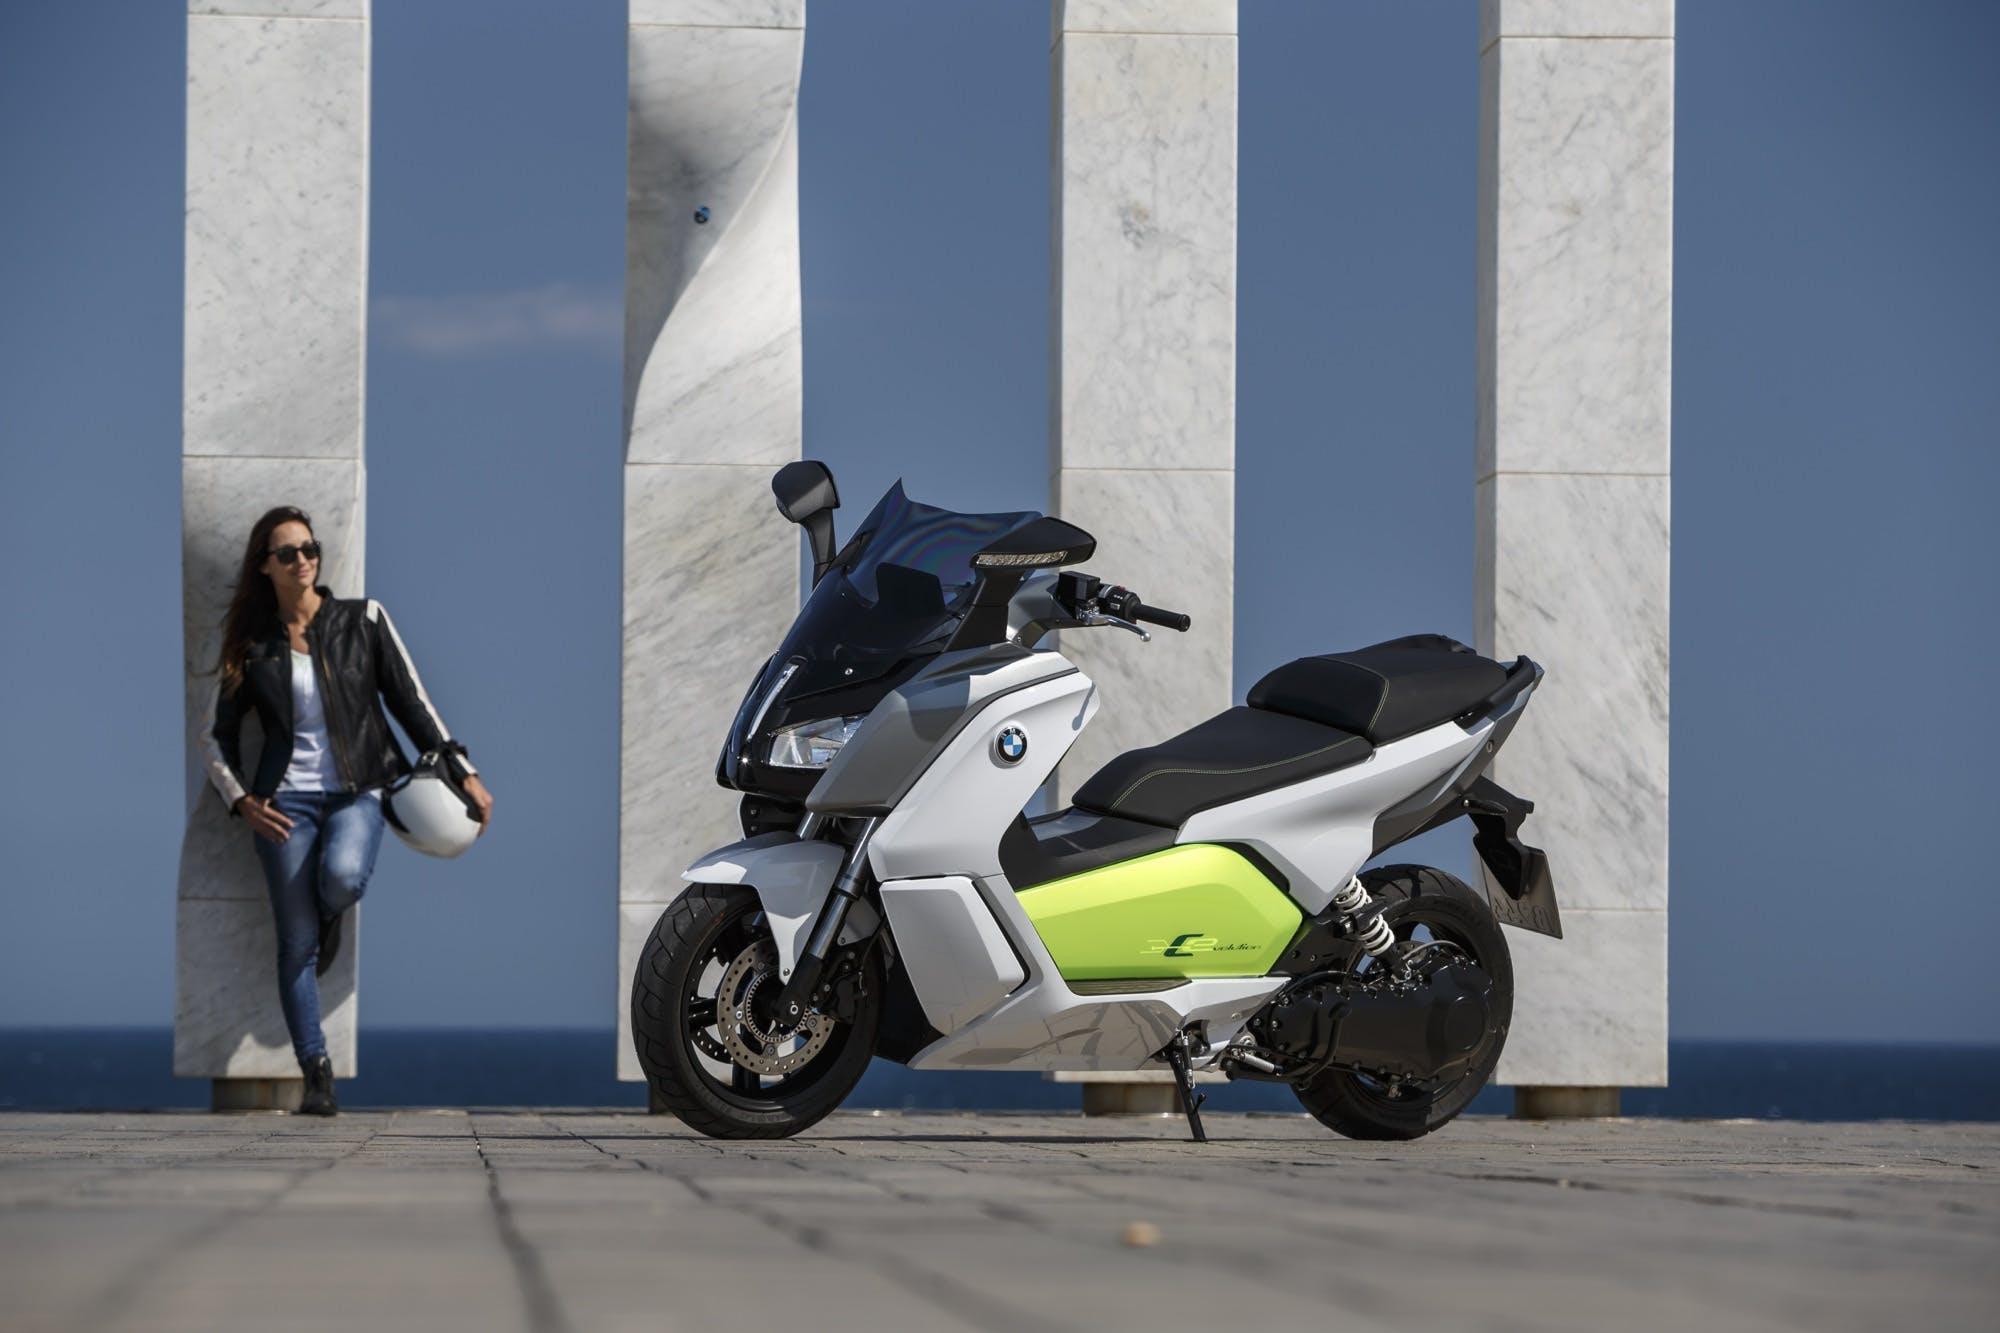 BMW C Evolution, statica su sfondo murales